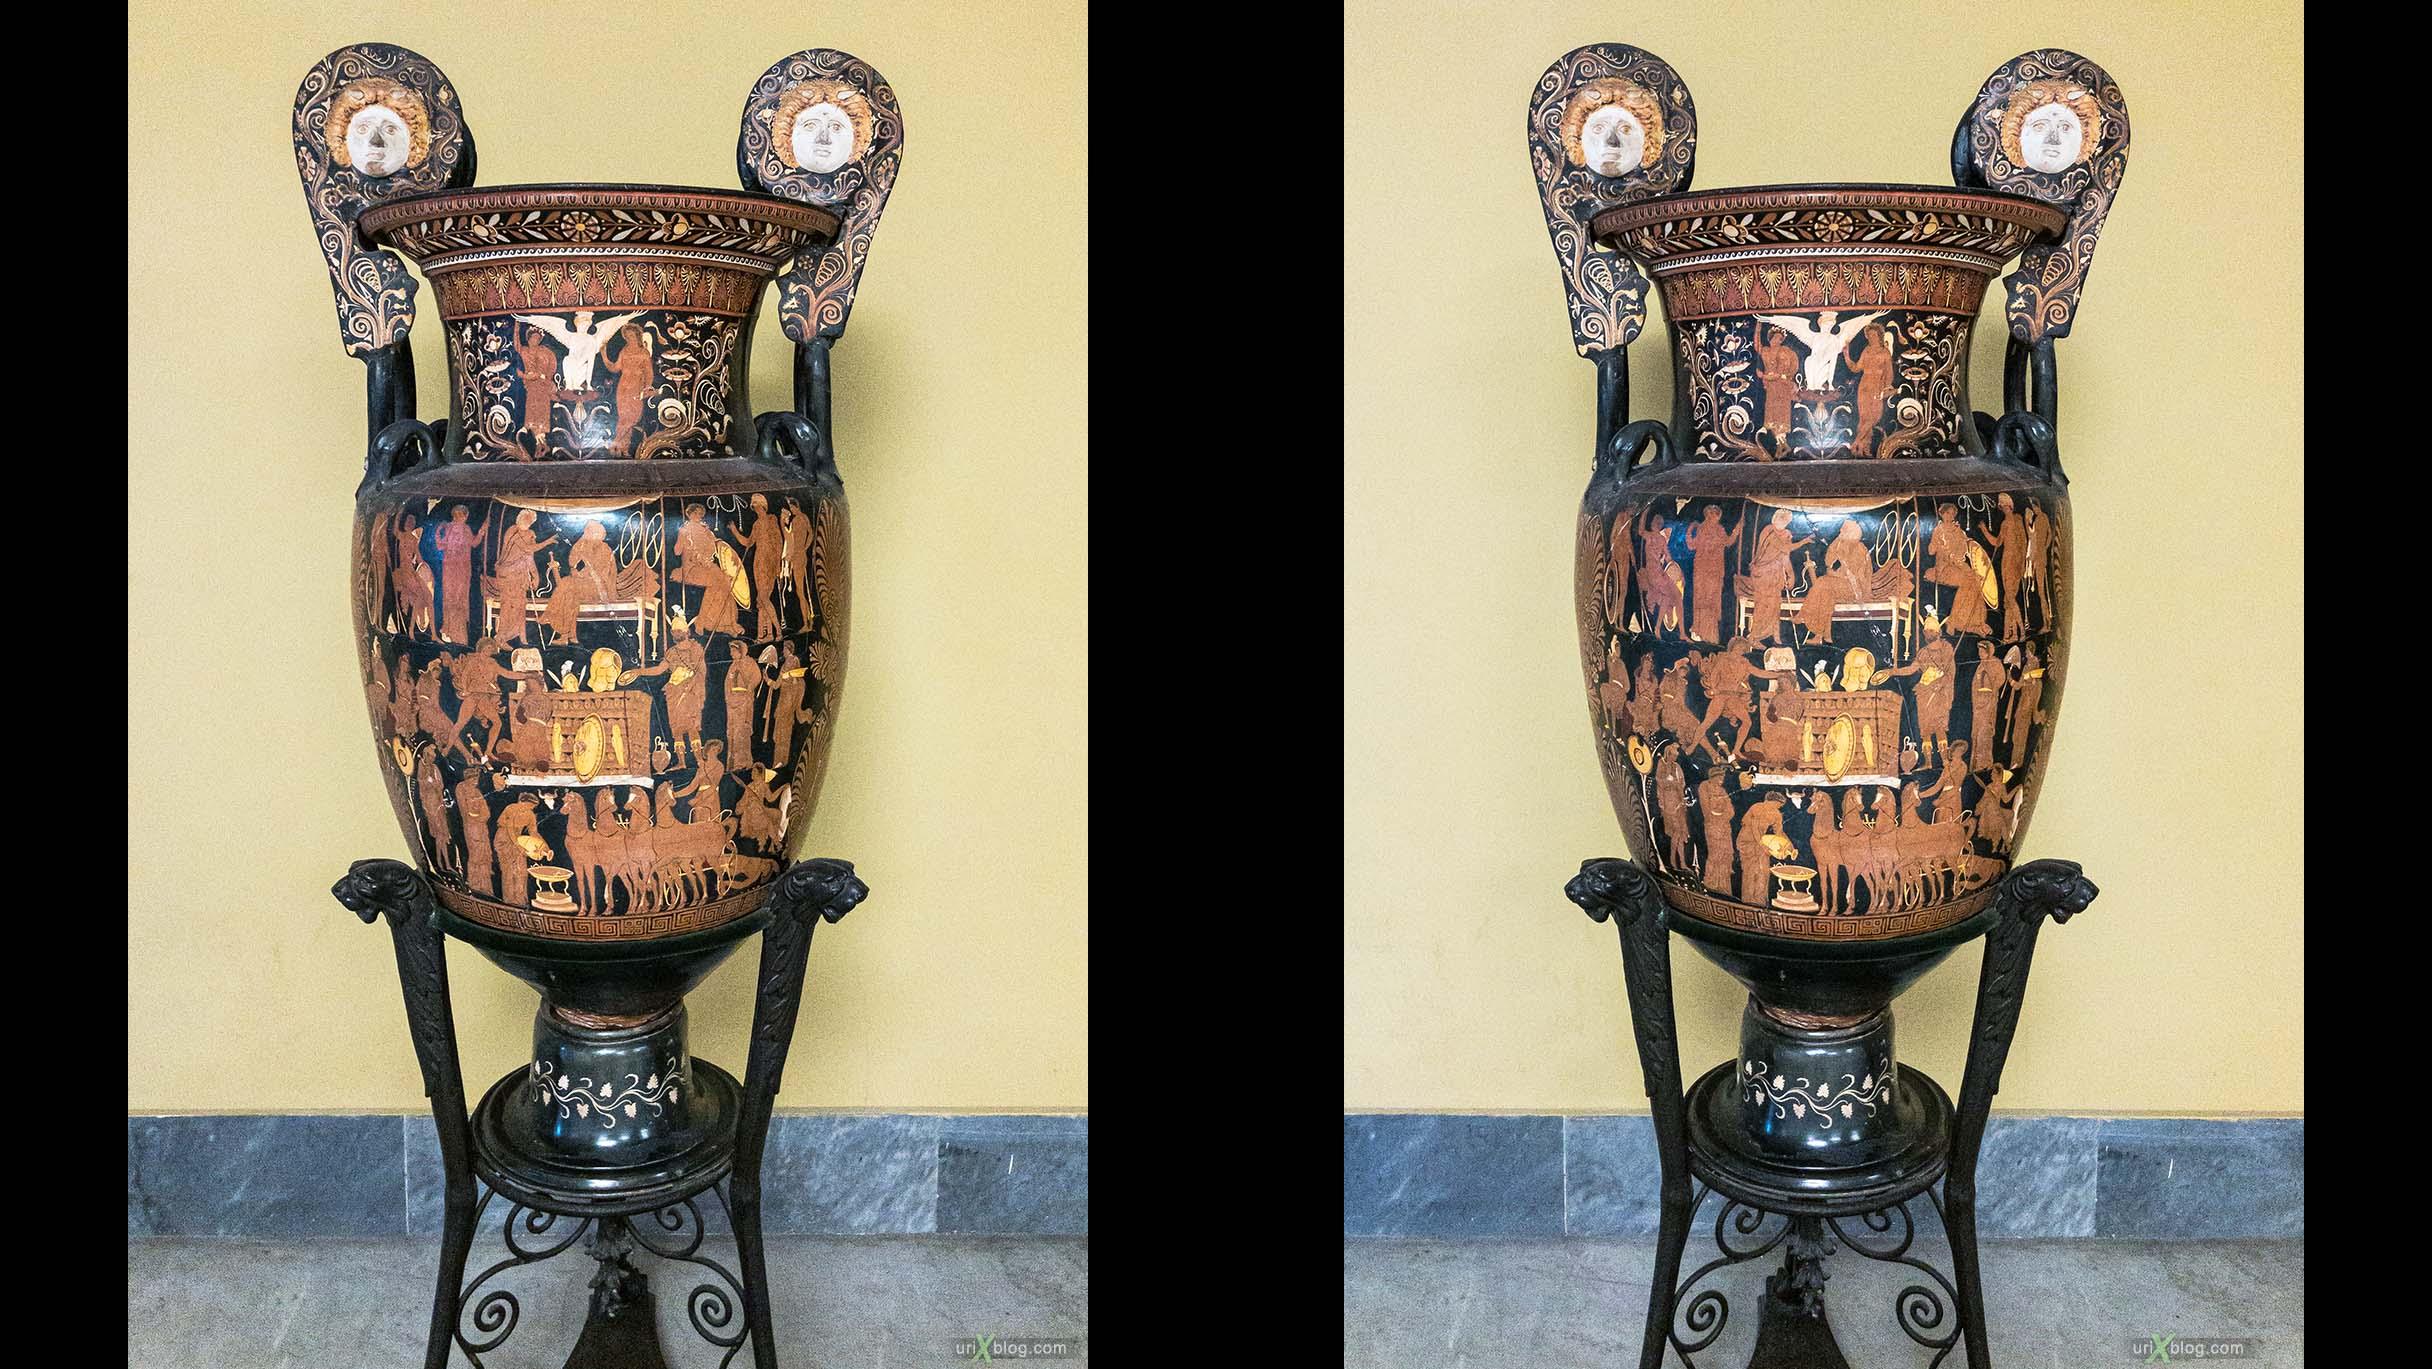 ваза, амфора, Национальный археологический музей Неаполя, Древний Рим, Помпеи, выставка, Неаполь, Италия, 3D, перекрёстная стереопара, стерео, стереопара